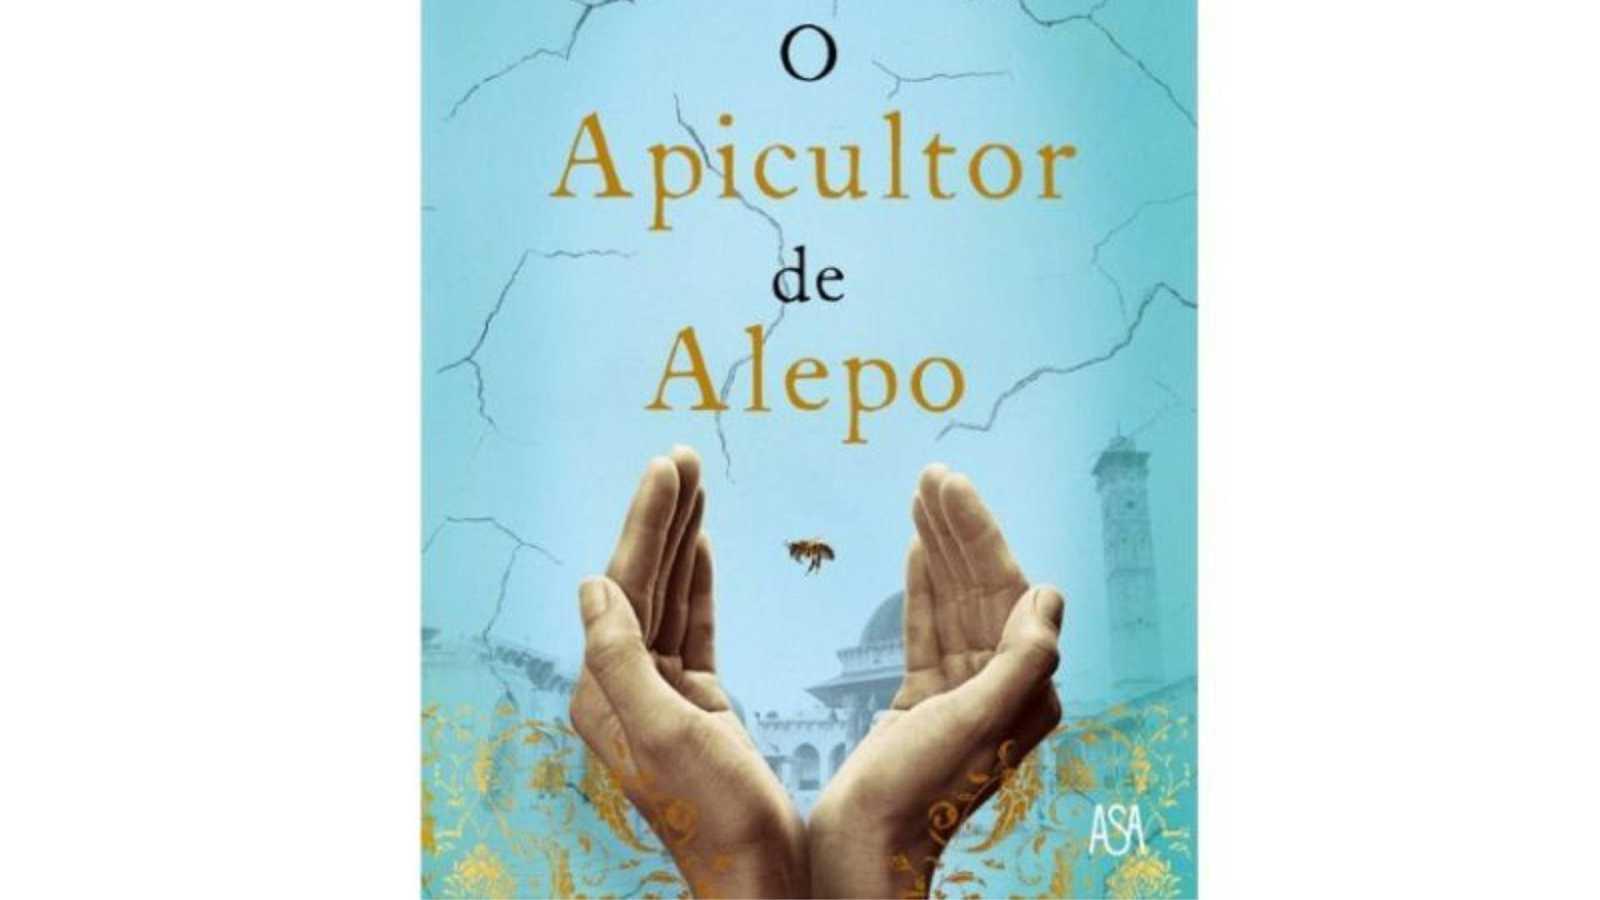 Mediterráneo - El Apicultor de Alepo - 22/11/20 - escuchar ahora